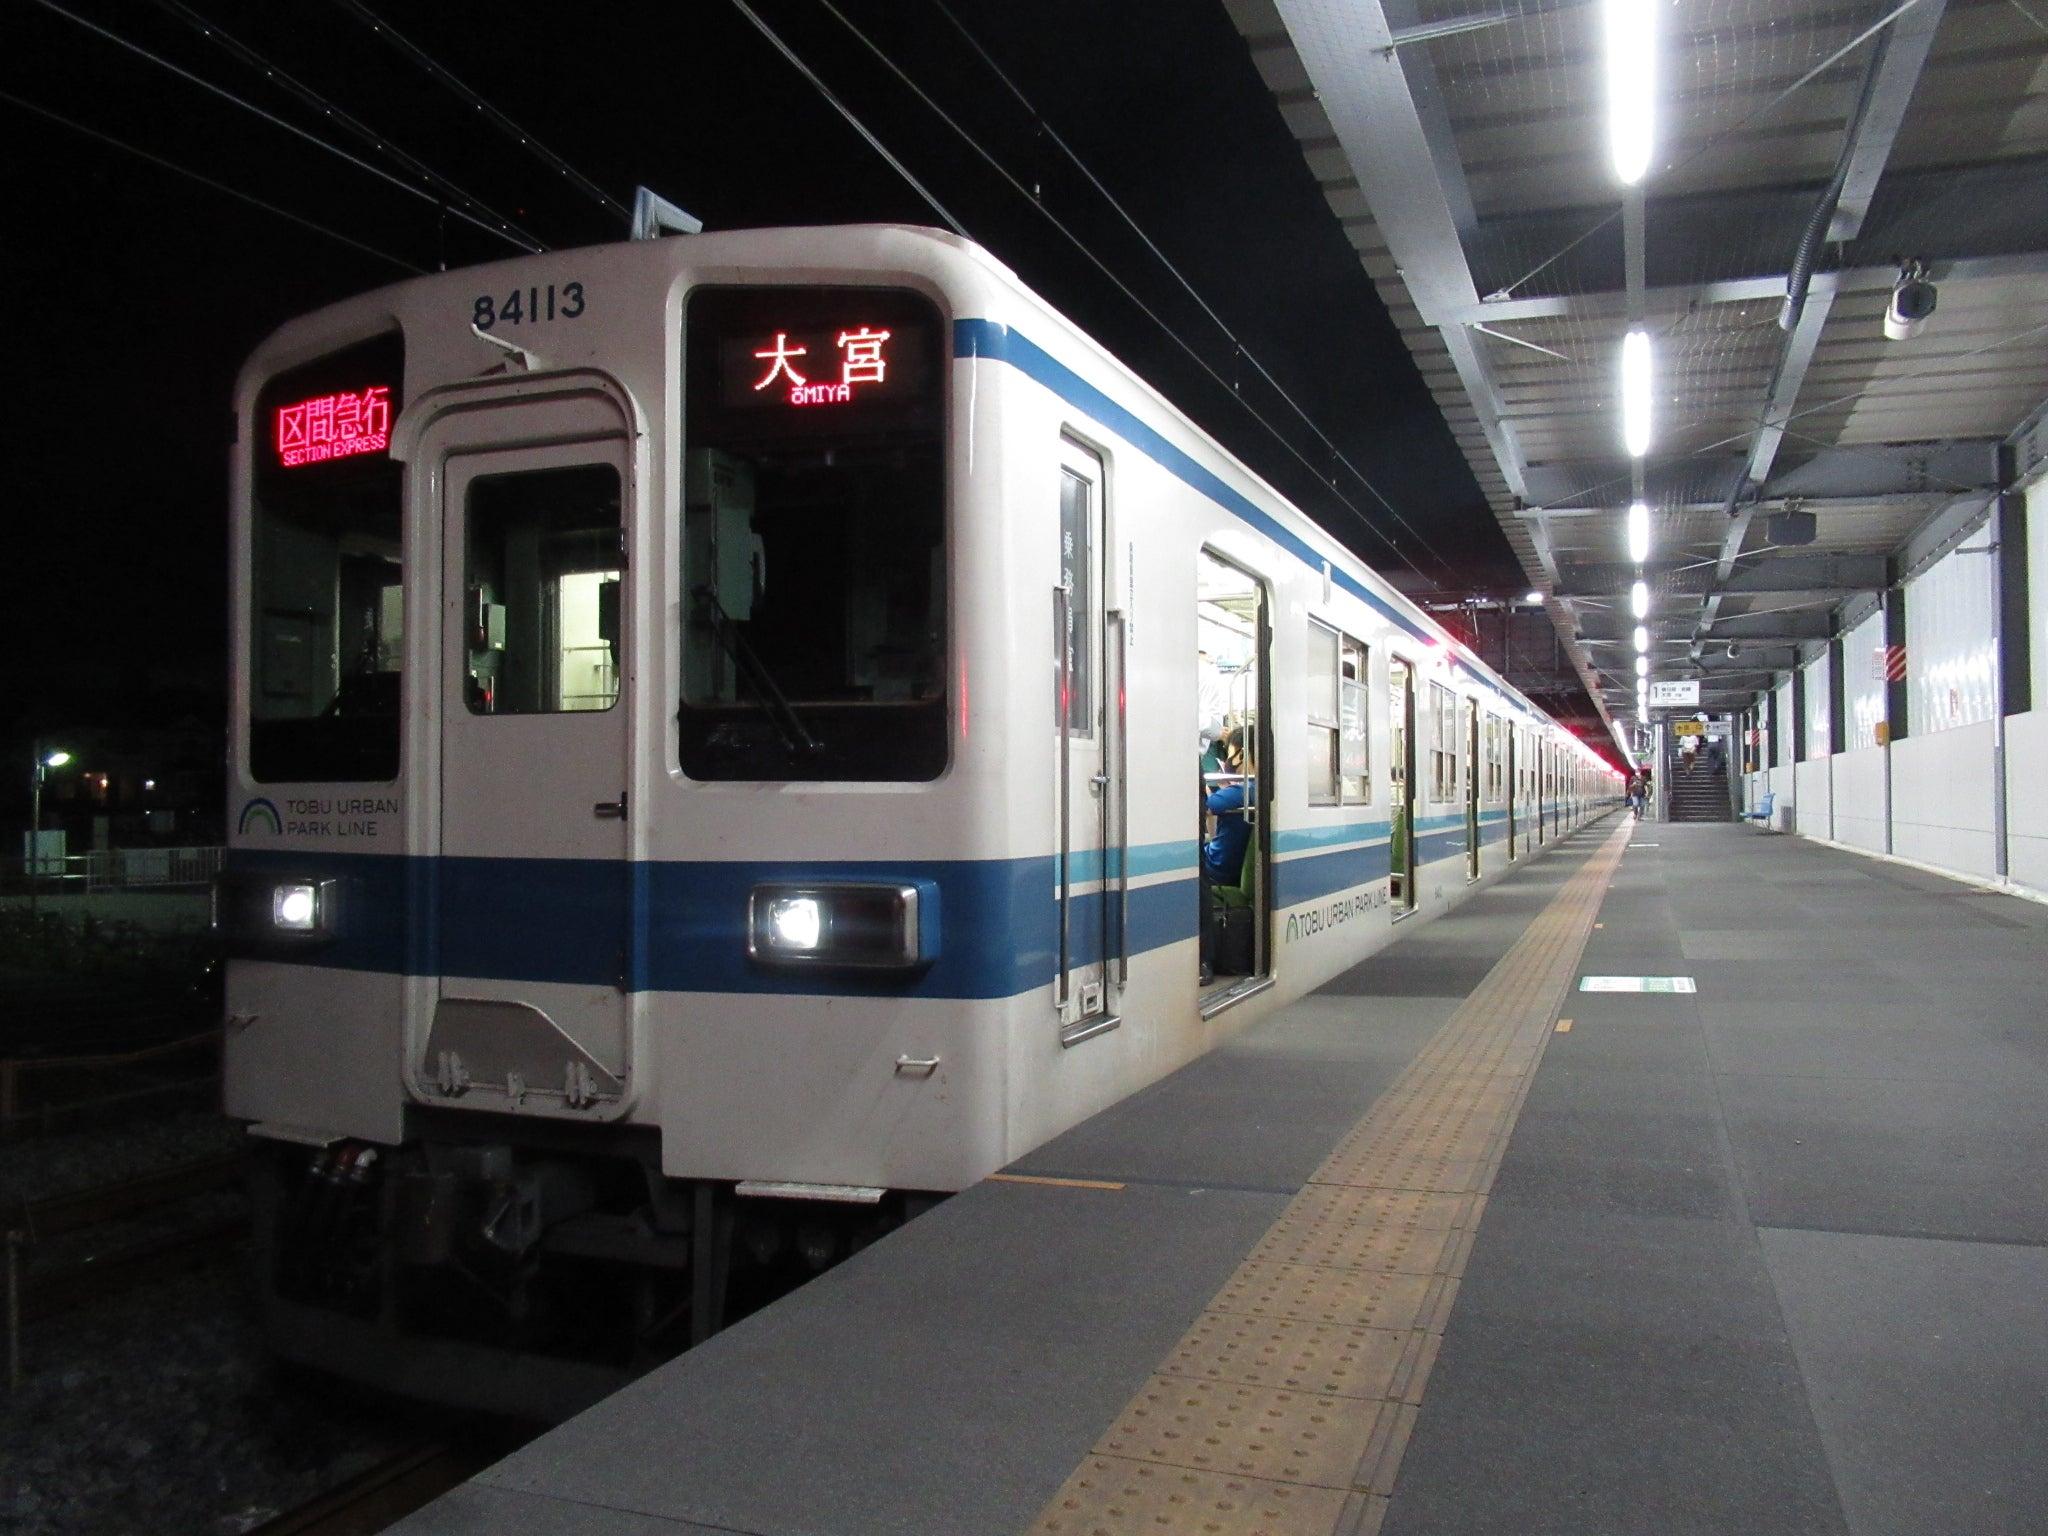 まーた東武8000系に乗りたくなってきたぞ,今回はそれに全力を盡くす | toukyukinmozaのブログ